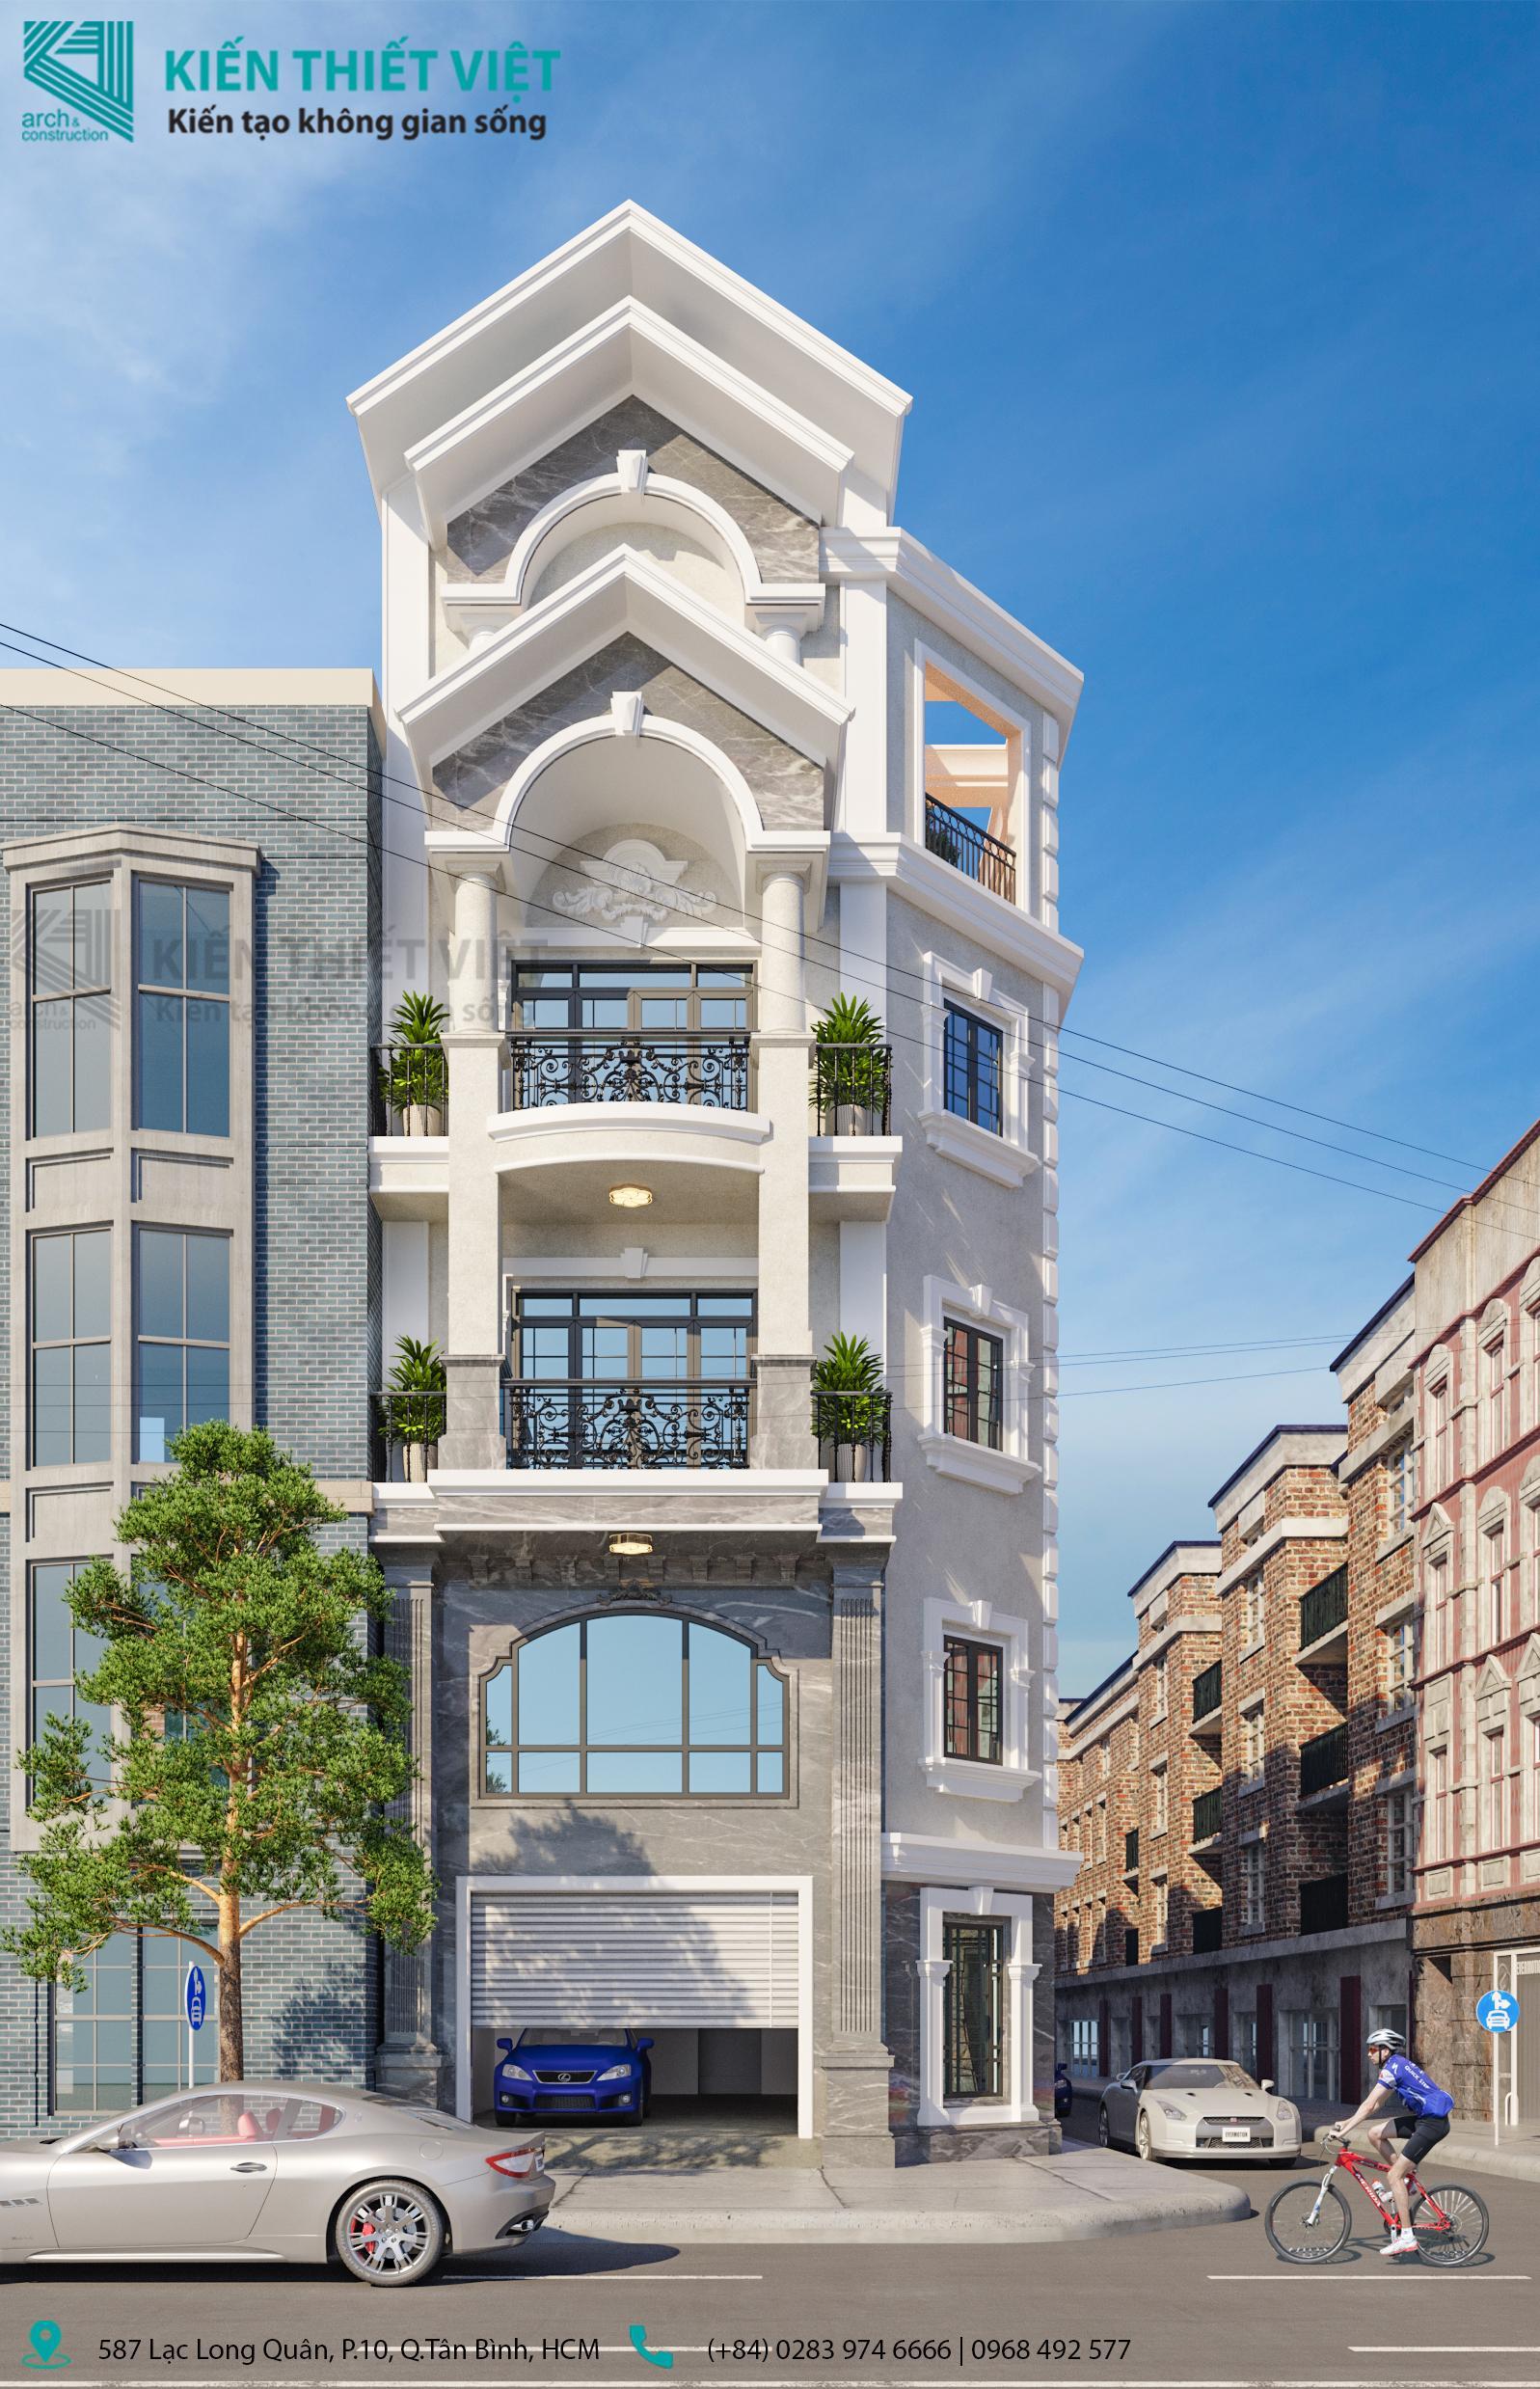 Thiết kế nội thất Nhà Mặt Phố tại Hồ Chí Minh Nhà phố Vườn Lài Tân Phú 1593399391 0